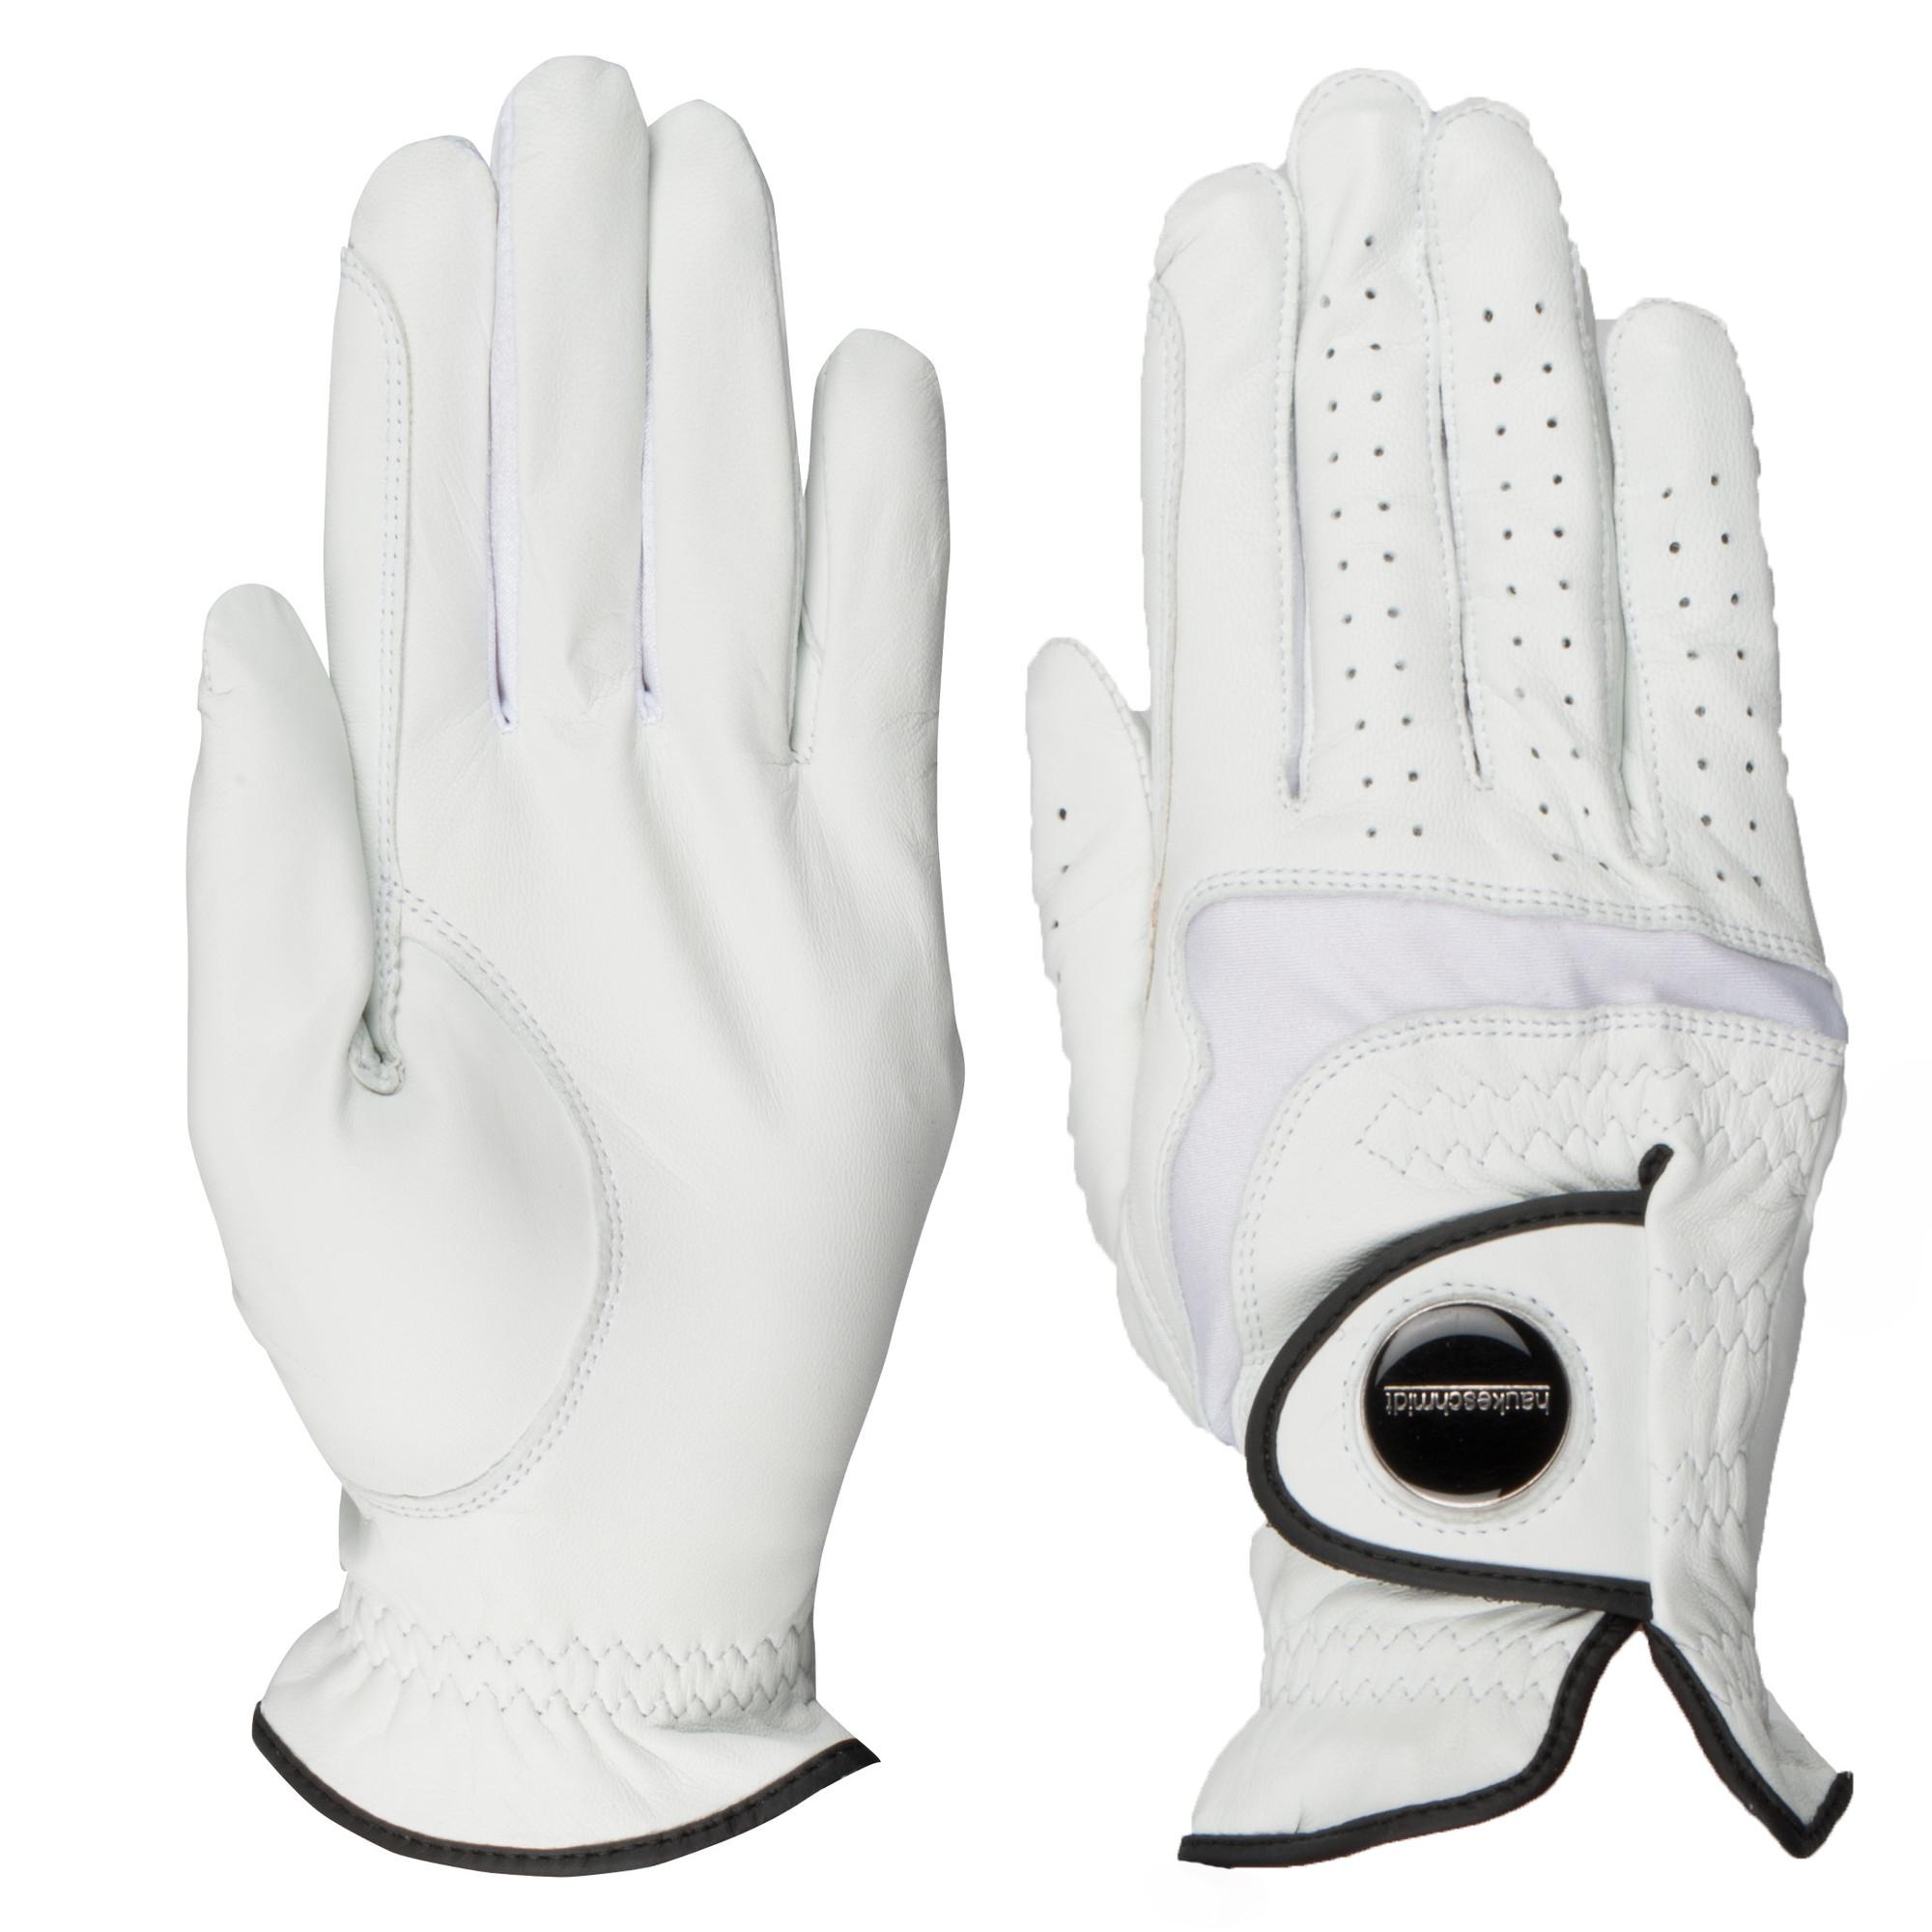 Hauke Schmidt Arabella handschoenen wit maat:6.5